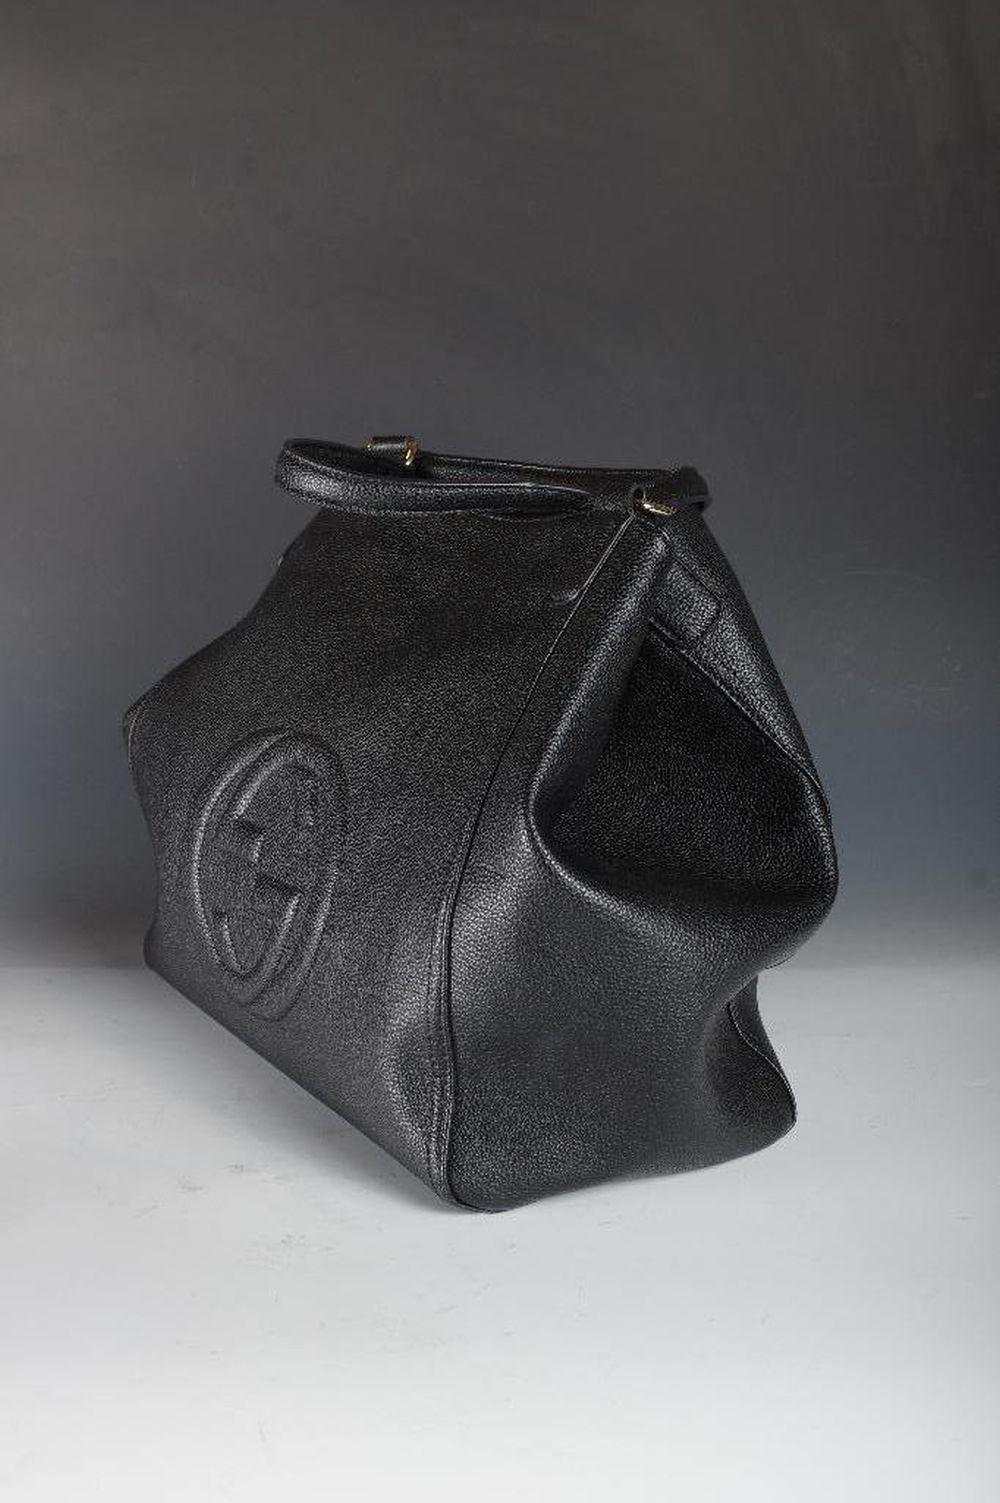 705b791cdf7 Authentic NWOT Large Gucci Soho Black Pebble Leather